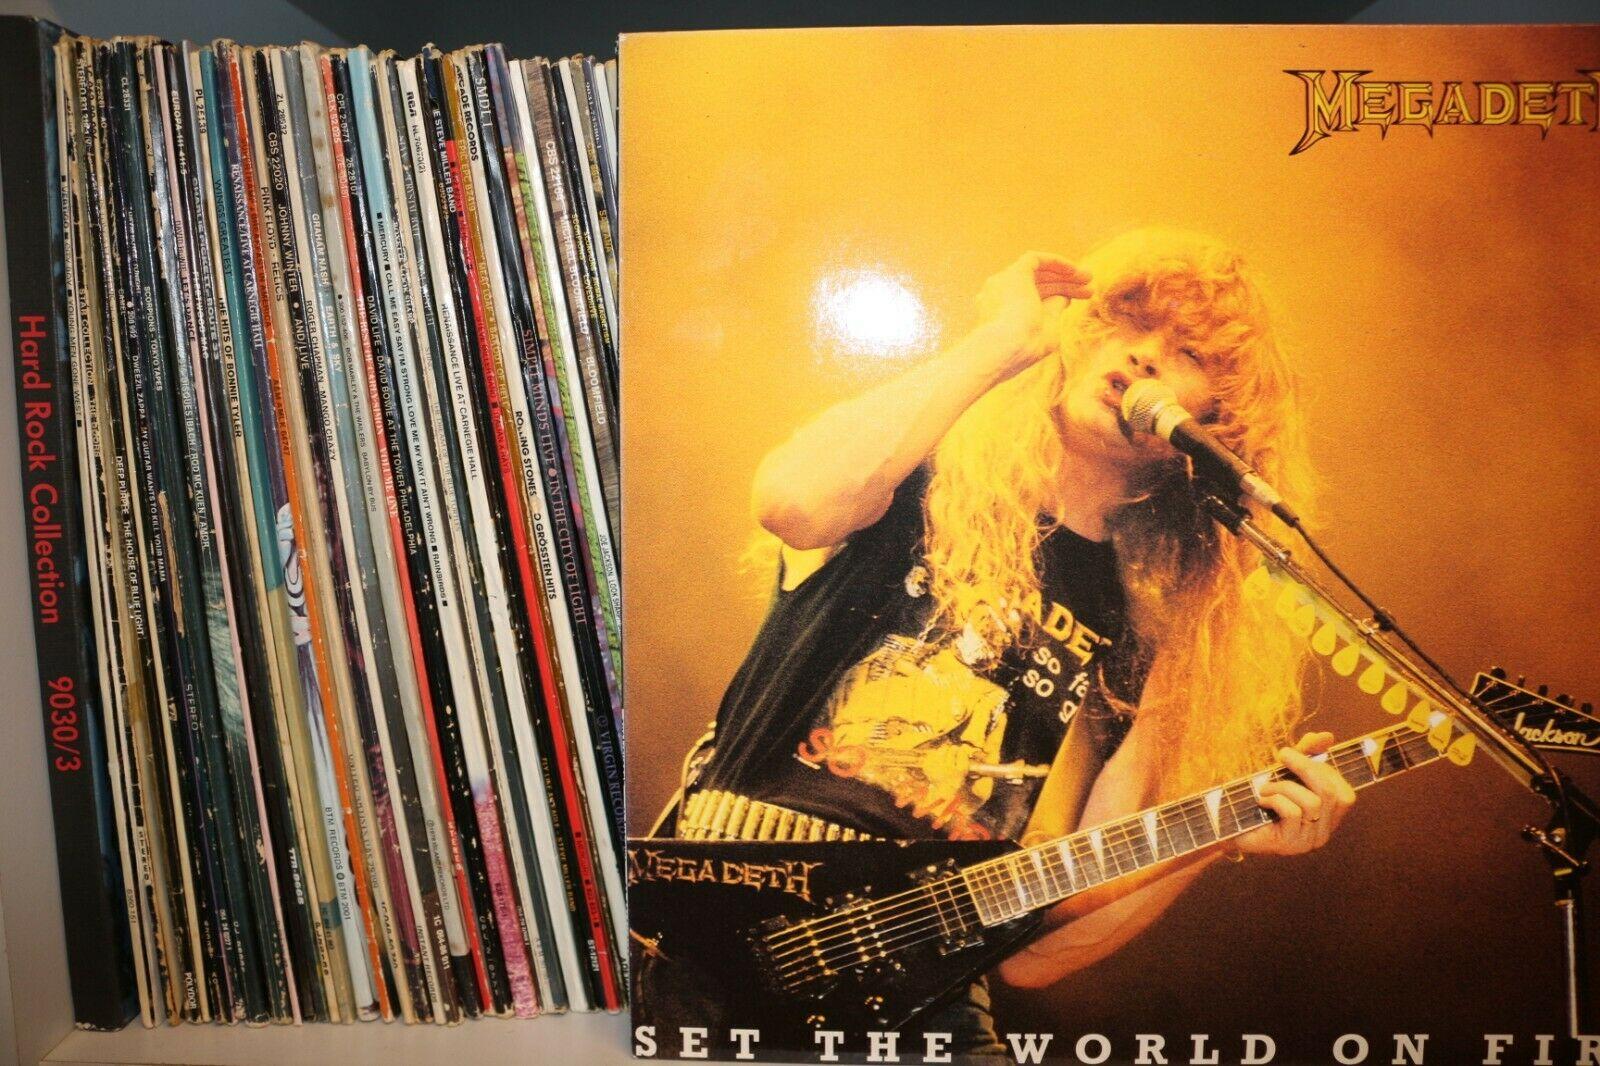 Rock Pop Jazz Vinyl LP Sammlung der 80 90er  300 St  ck     sehr guter Zustand